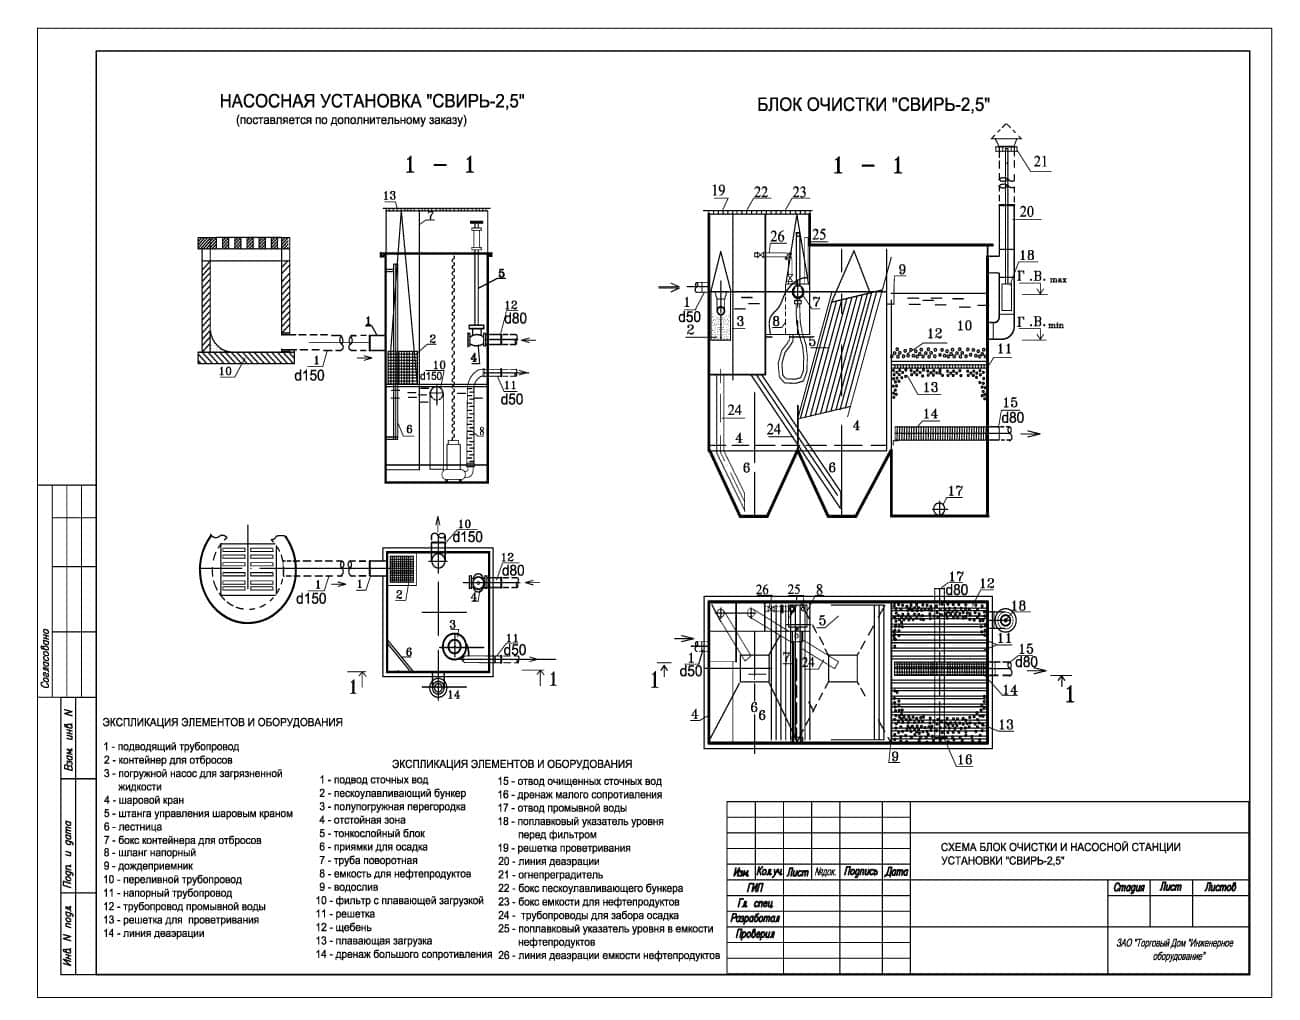 Очистное сооружение Свирь-2,5